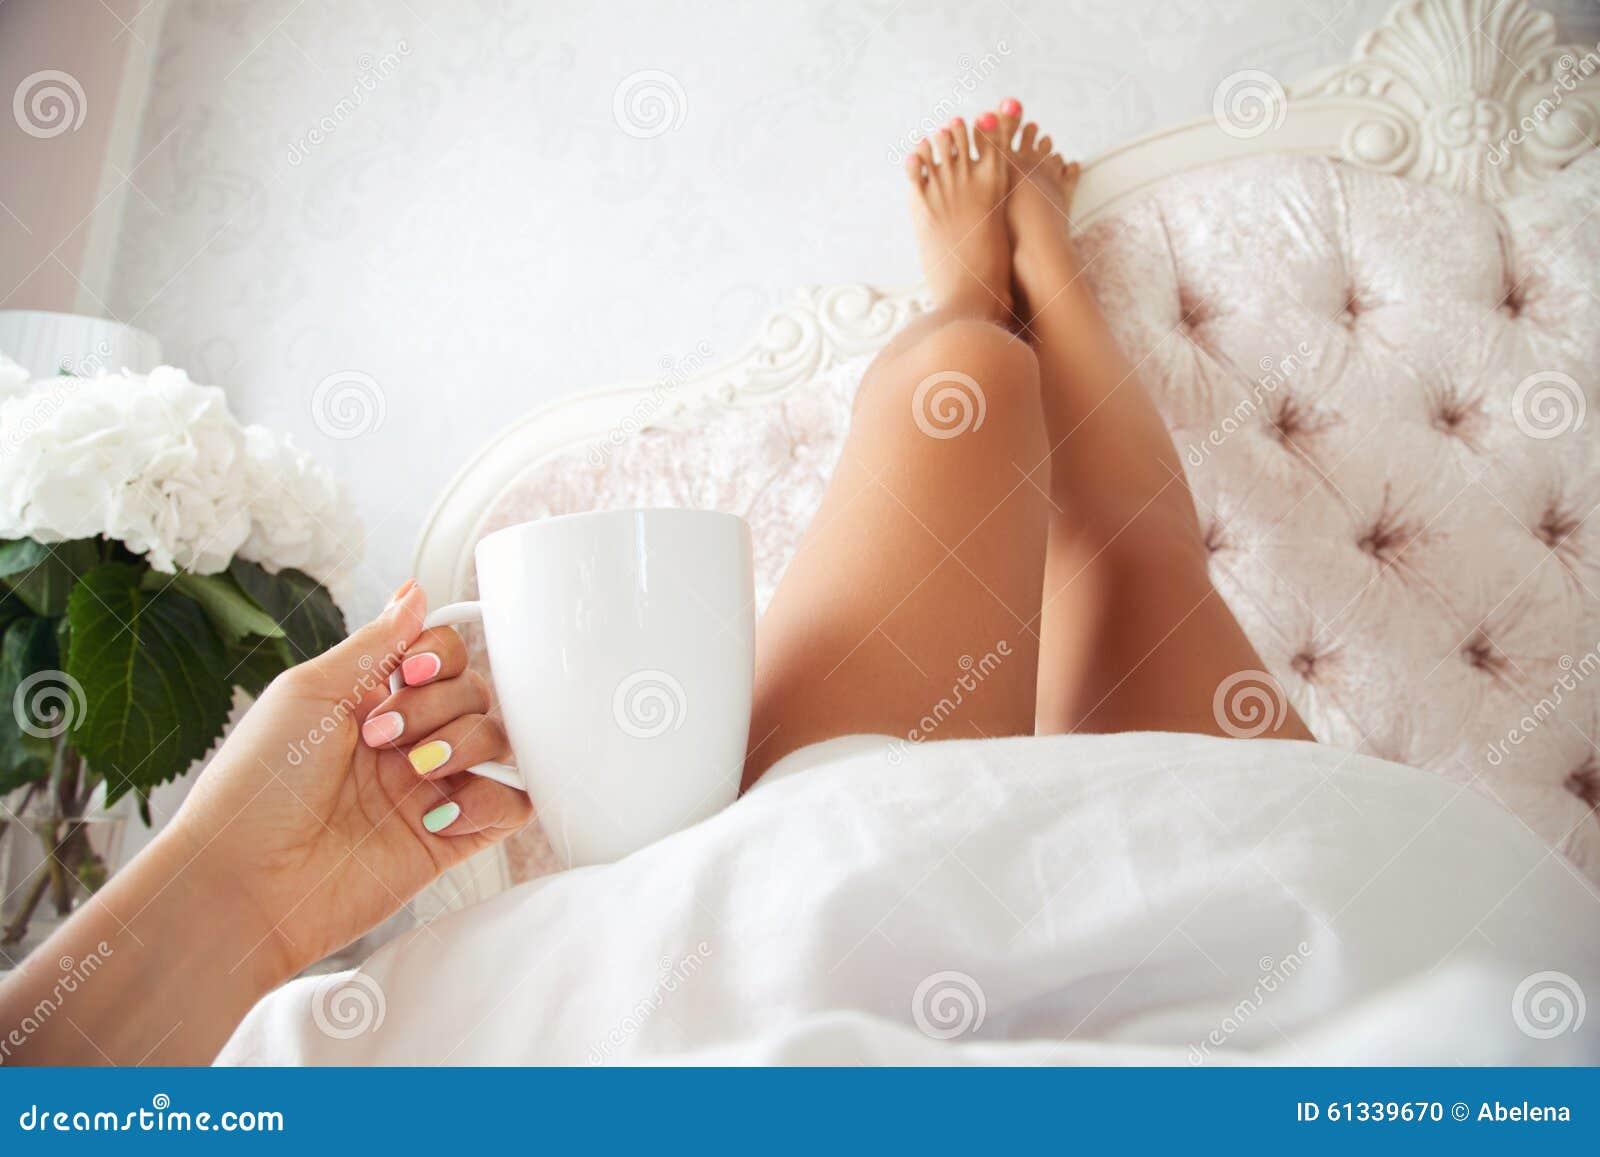 Die Beine Einer Schonen Jungen Frau Wie Sie Im Bett Liegt Stockfoto